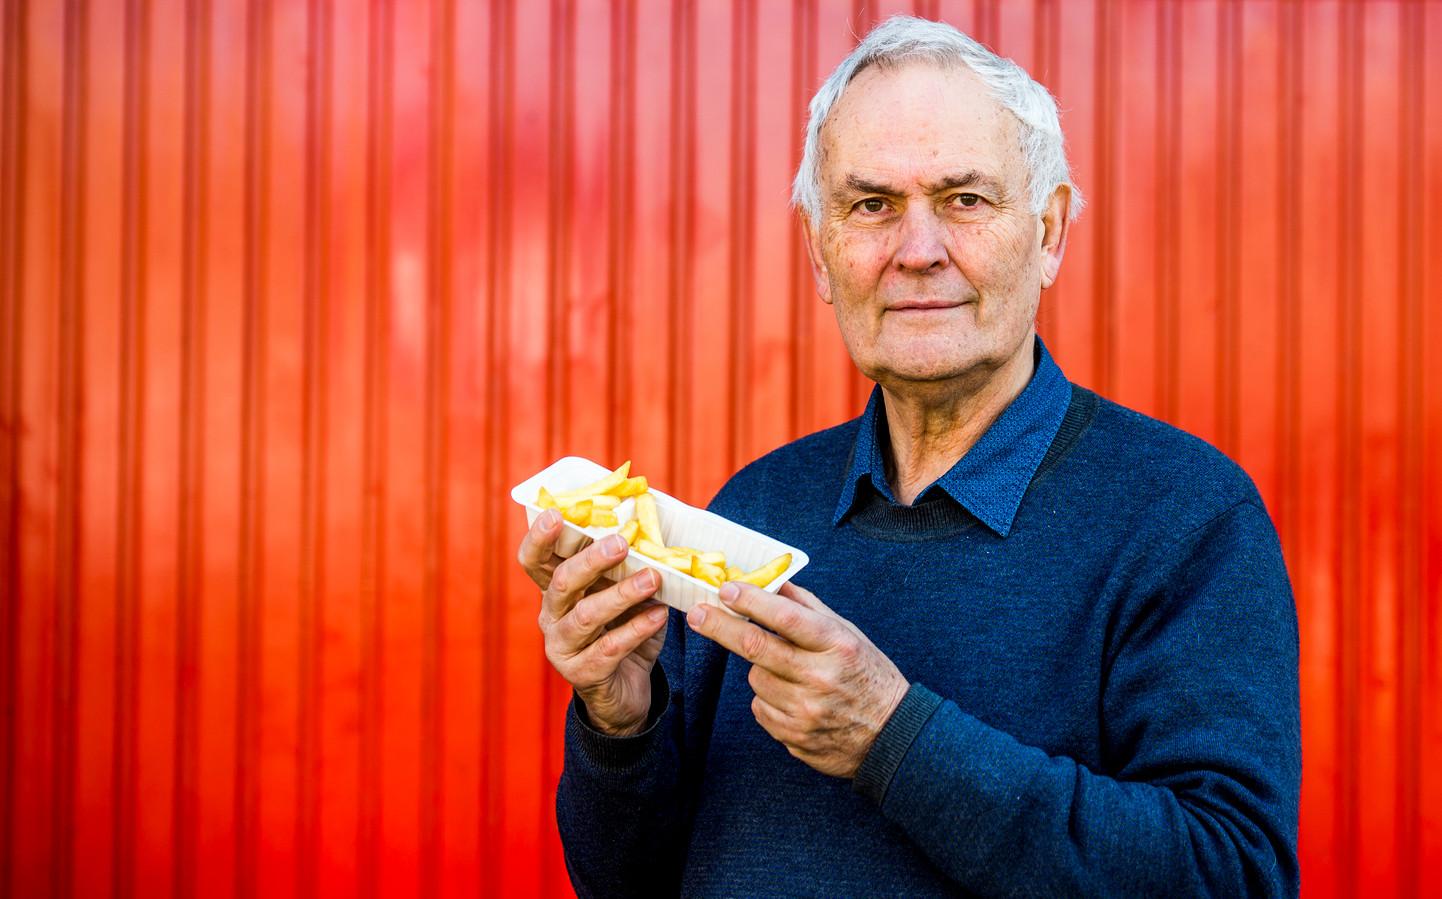 Bob Cramwinckel